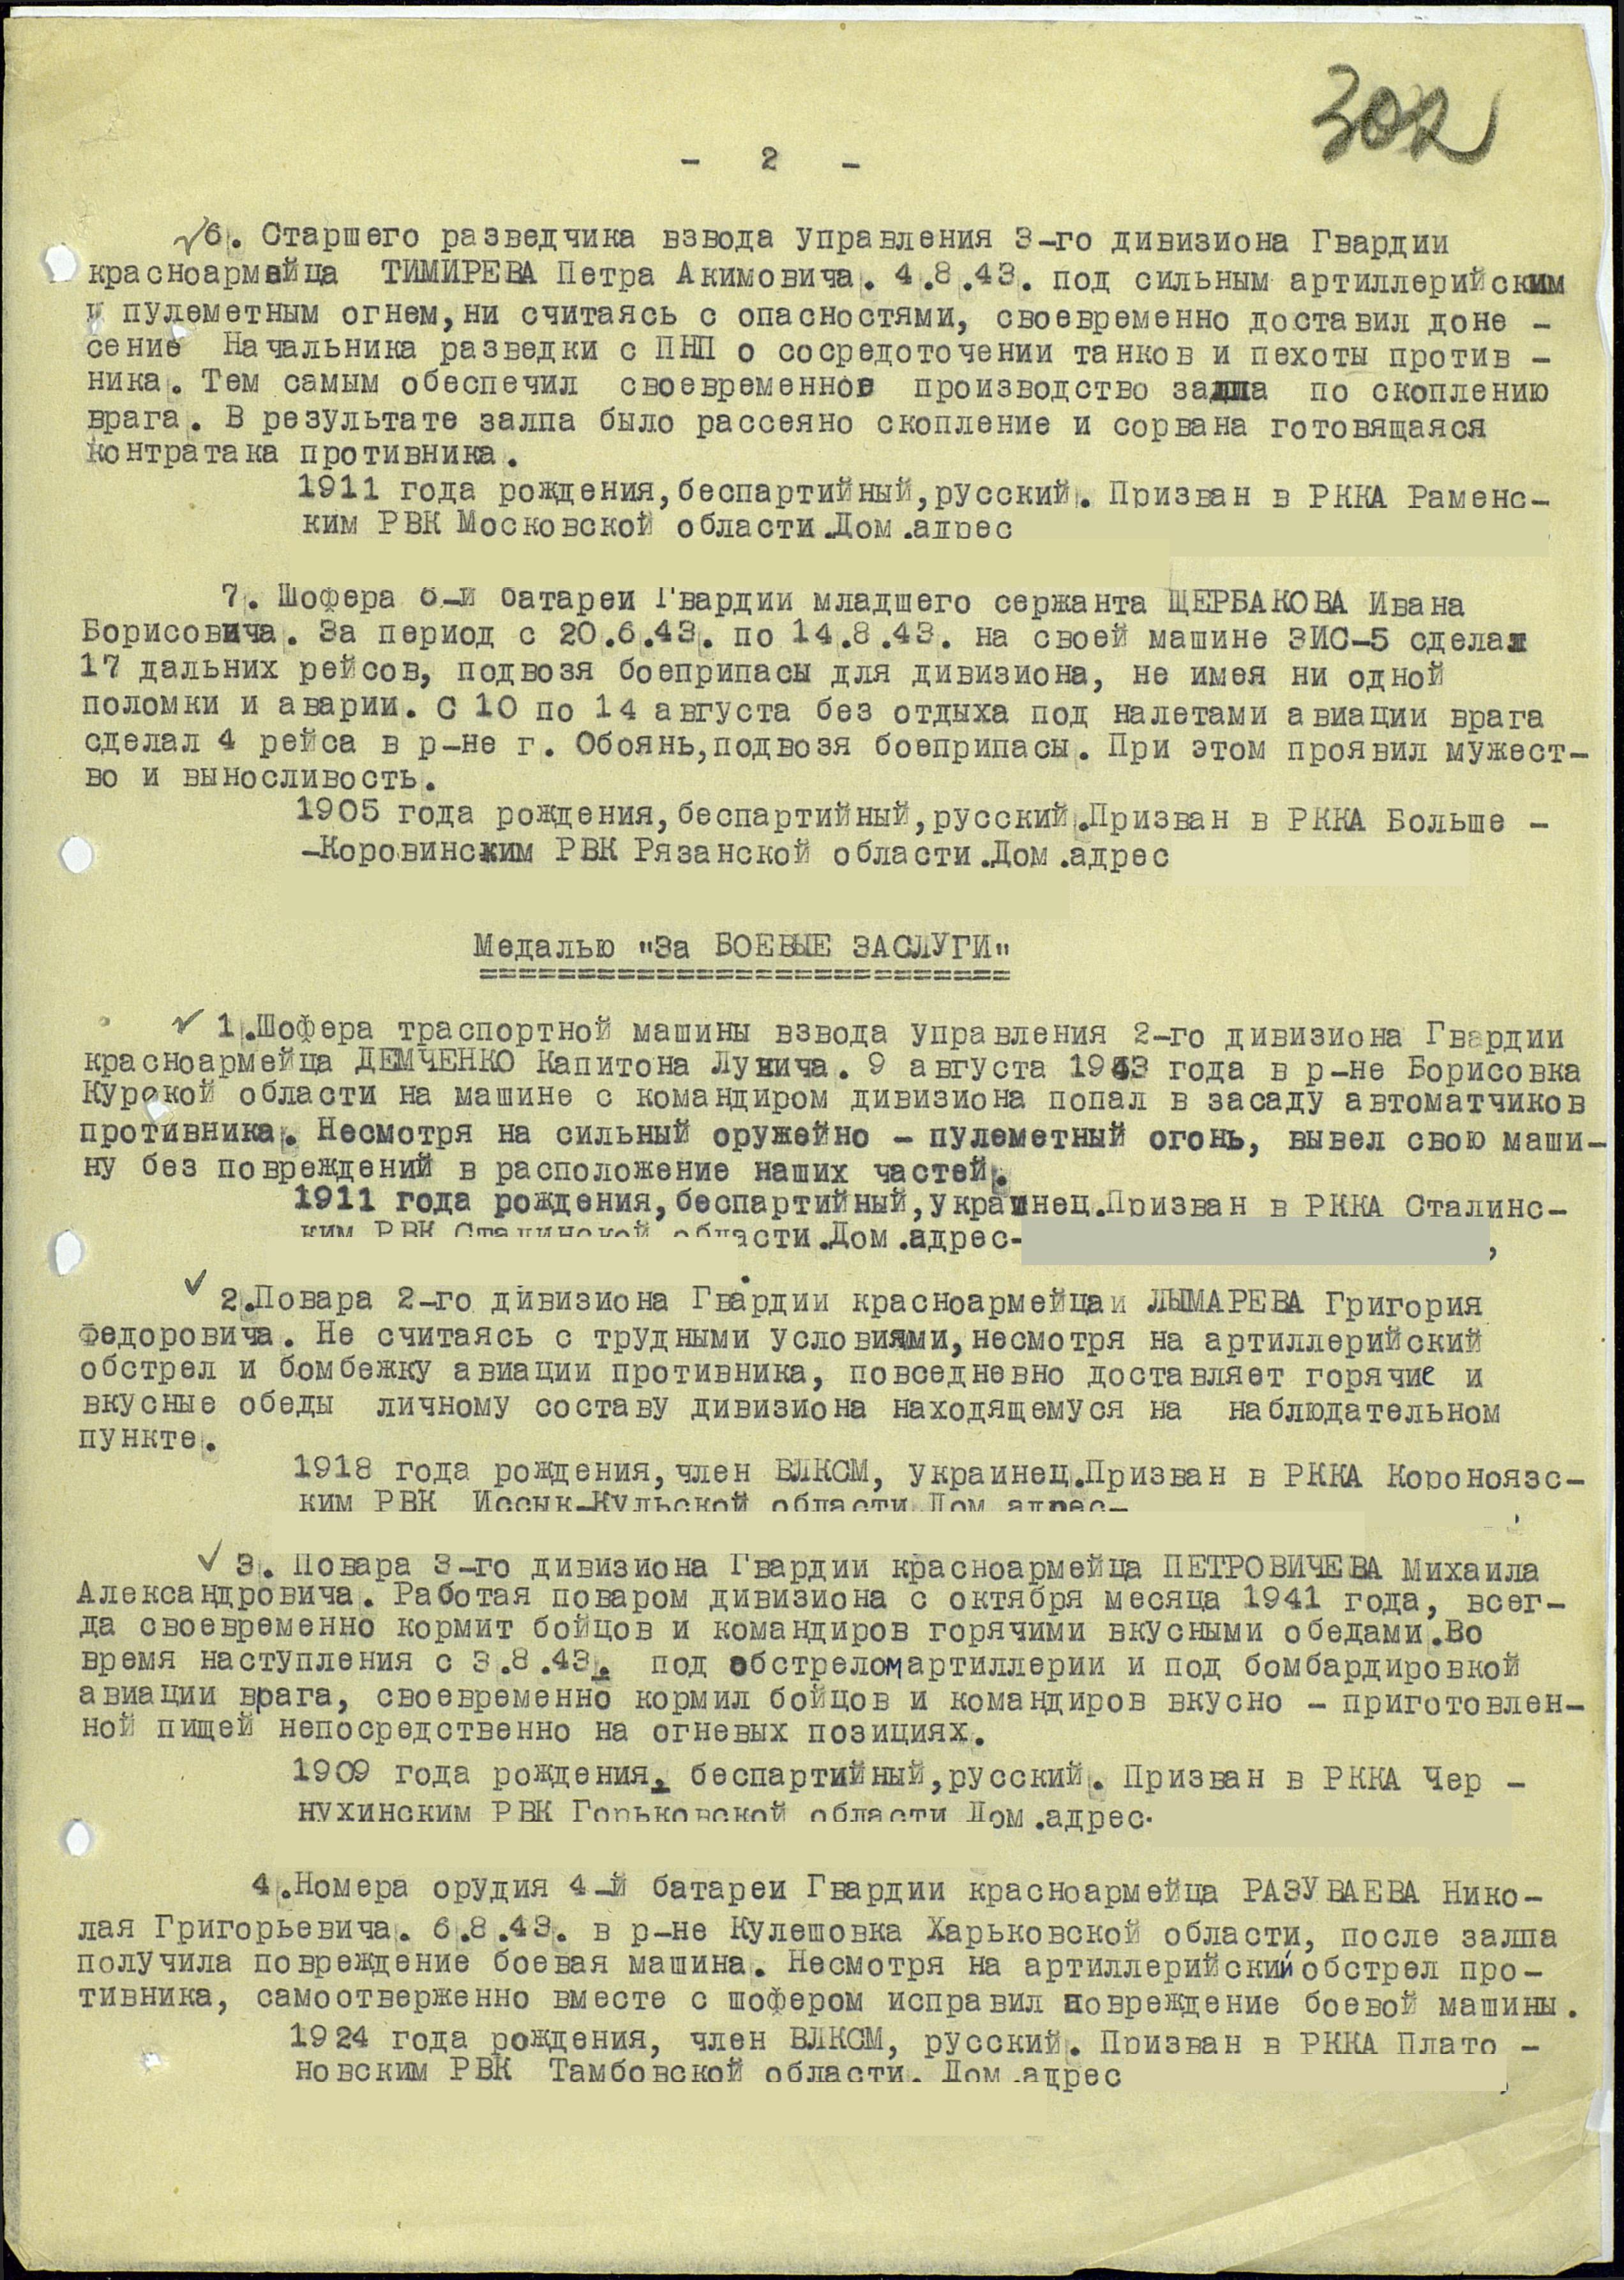 Наградной лист Петровичева Михаила Александровича о представлении к награждению медалью за боевые заслуги